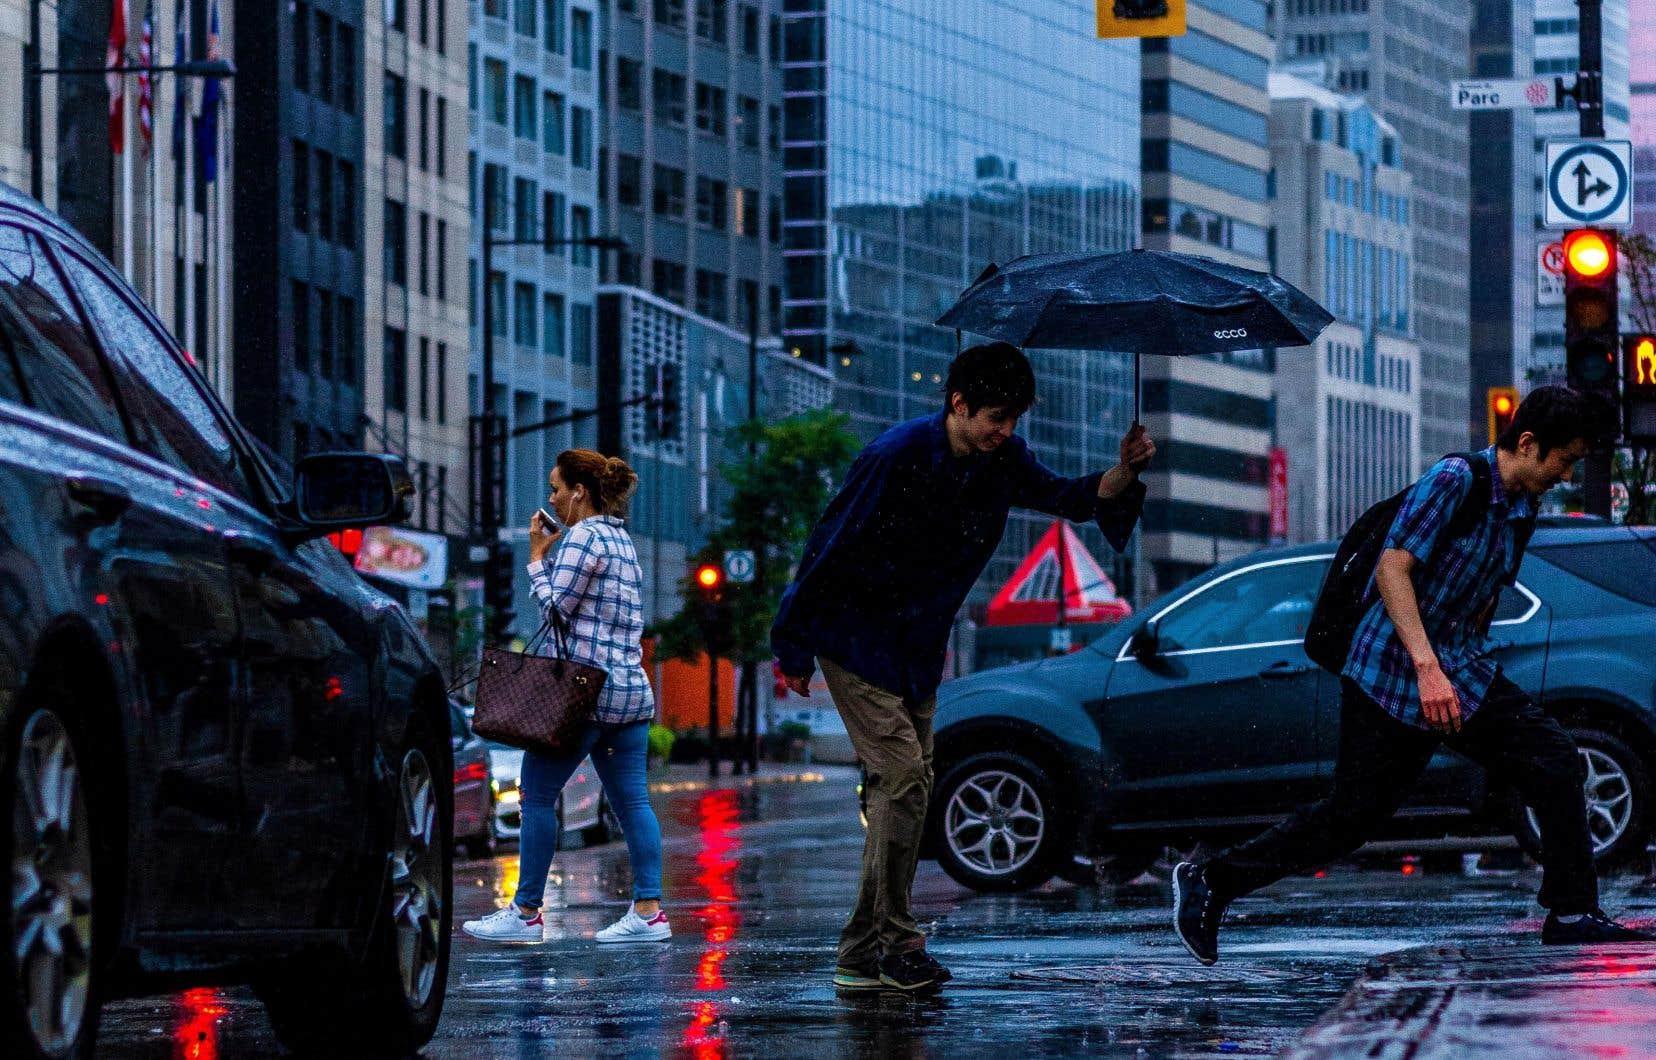 À Montréal, les piétons profitent seulement d'une protection de quelques secondes pour se lancer, avant que les automobilistes puissent tourner.